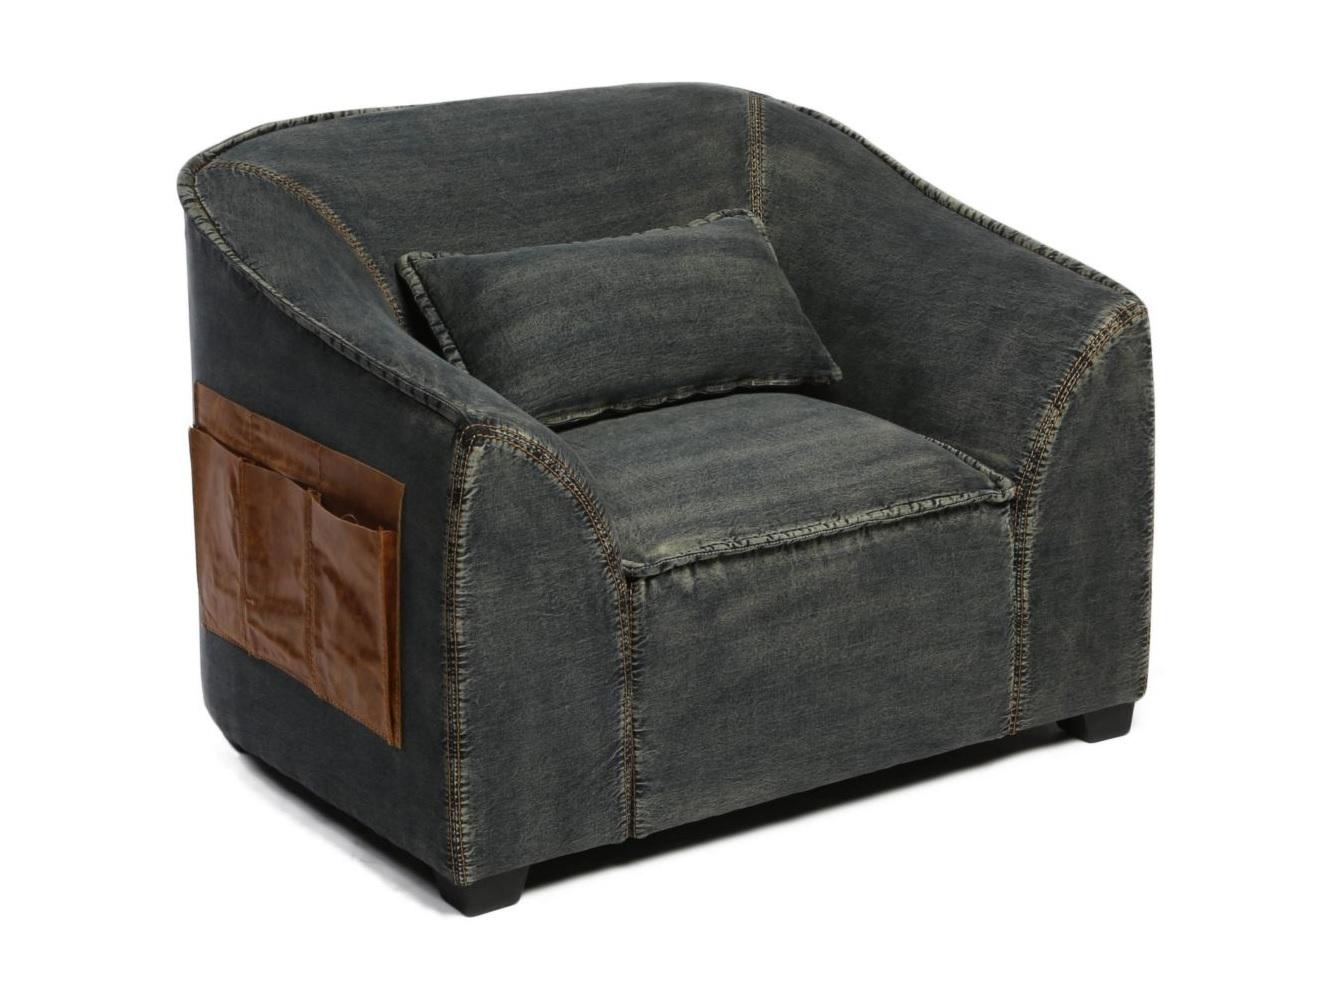 Кресло BenettИнтерьерные кресла<br><br><br>Material: Джинса<br>Ширина см: 102<br>Высота см: 83<br>Глубина см: 86